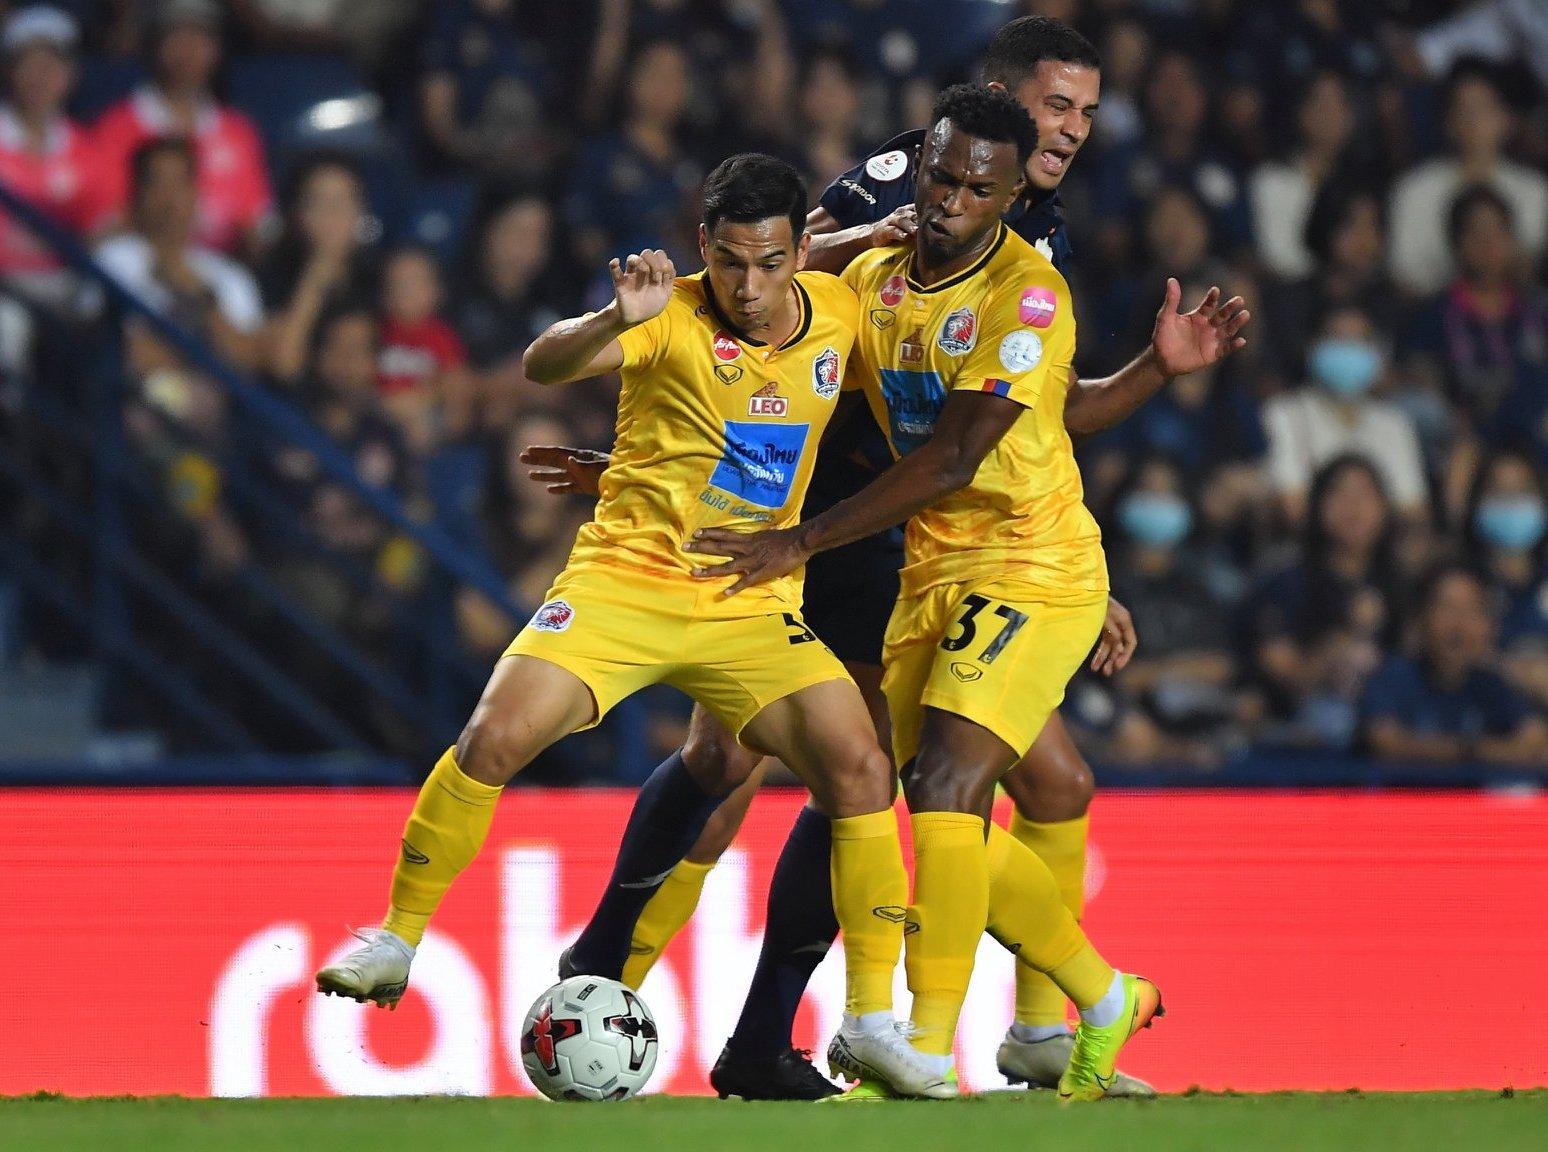 """Thai League cũng """"bế tắc"""" vì AFF Cup 2020 và dịch Covid-19 - Ảnh 1."""